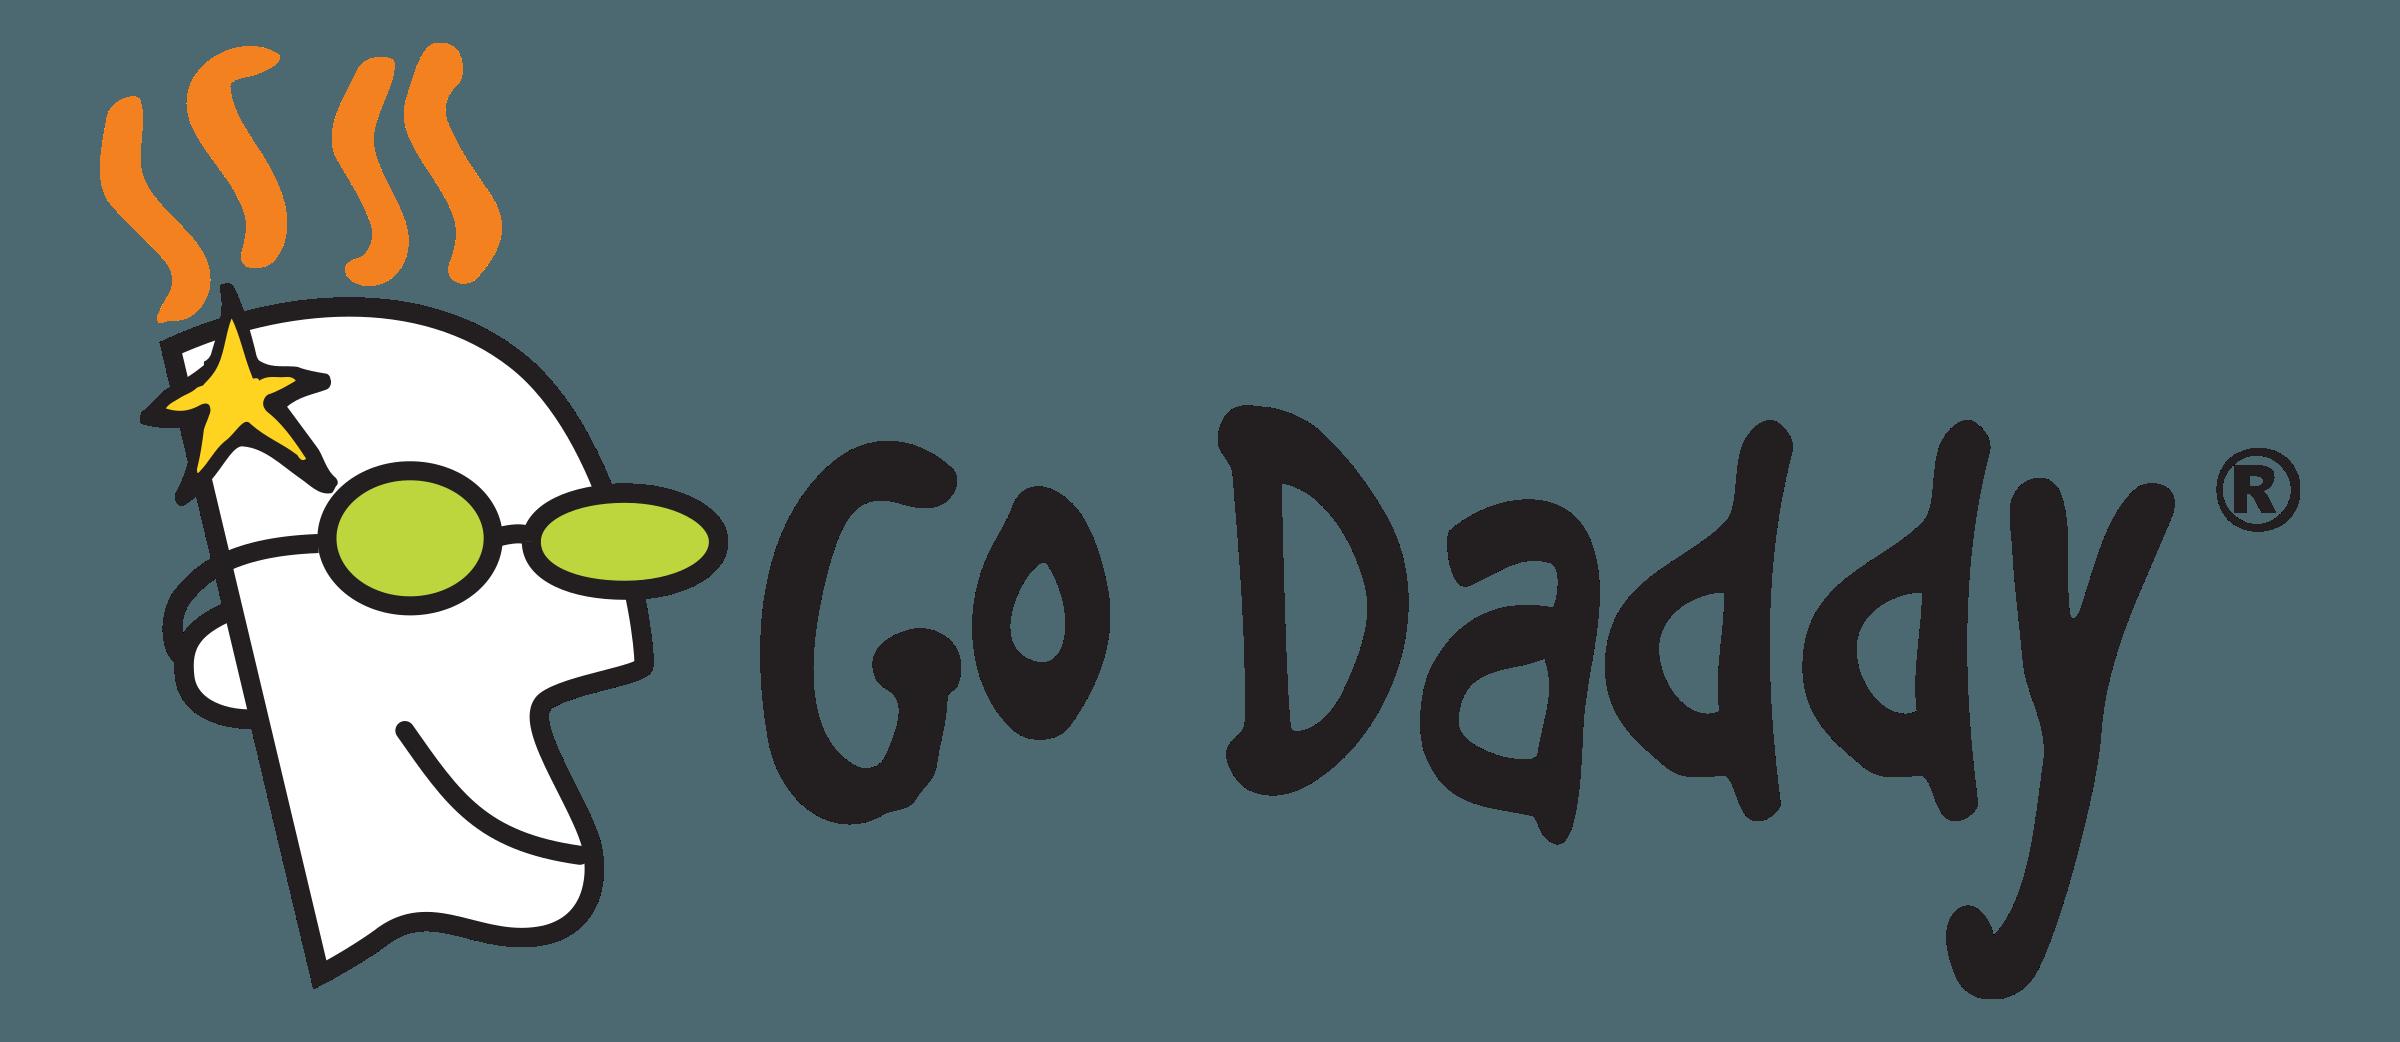 GoDaddy Logo PNG Transparent & SVG Vector.